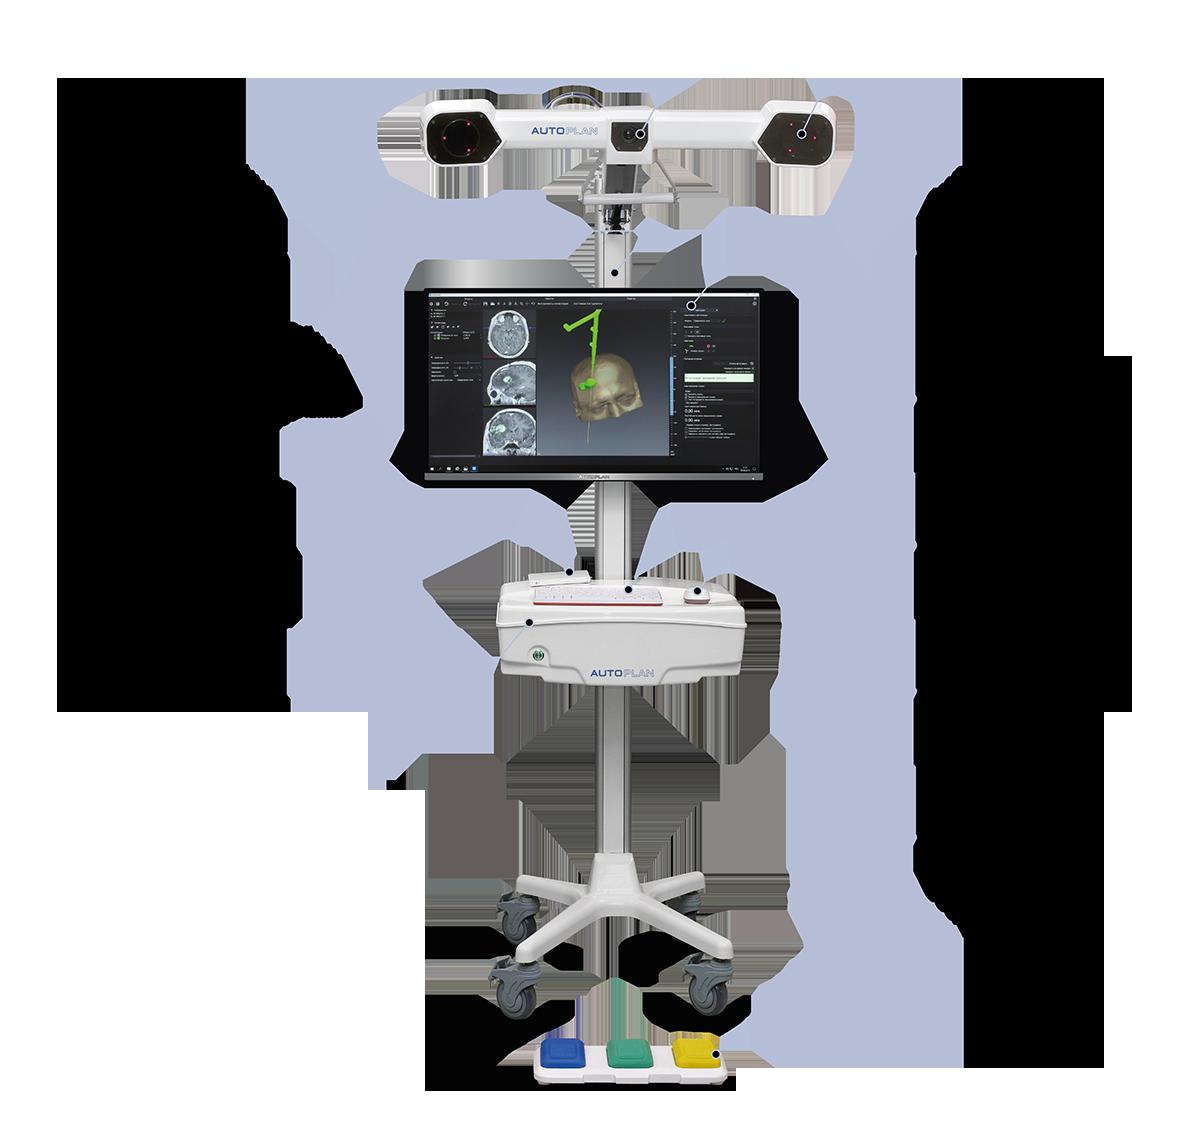 Автоплан (AUTOPLAN) - хирургическое оборудование. Промдизайн